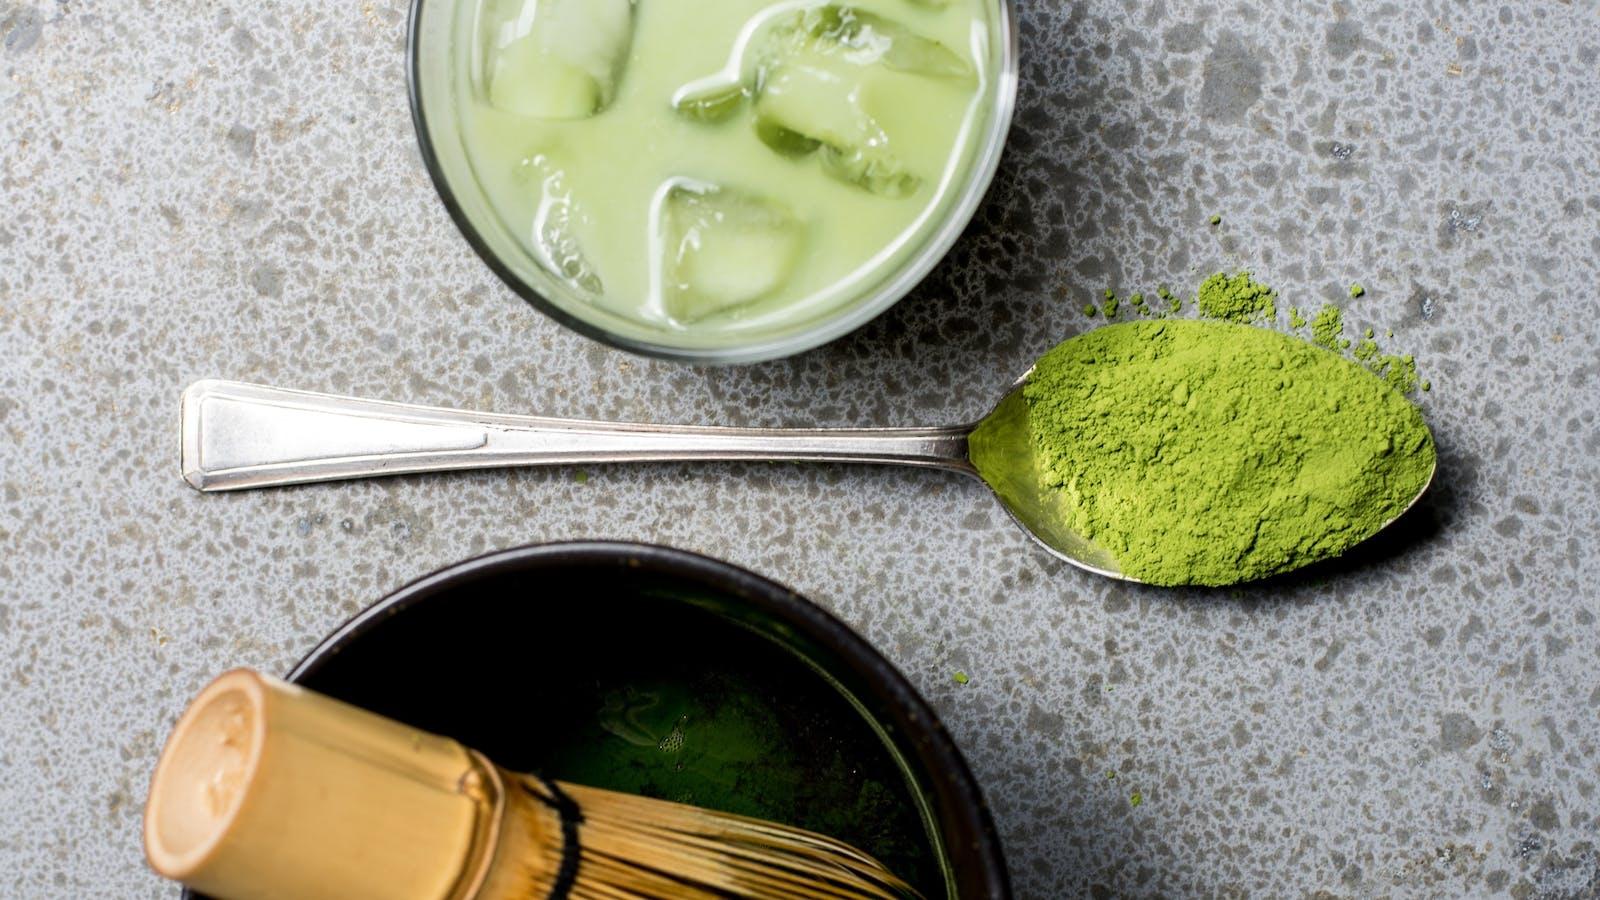 Cuillère de thé matcha en couleurs